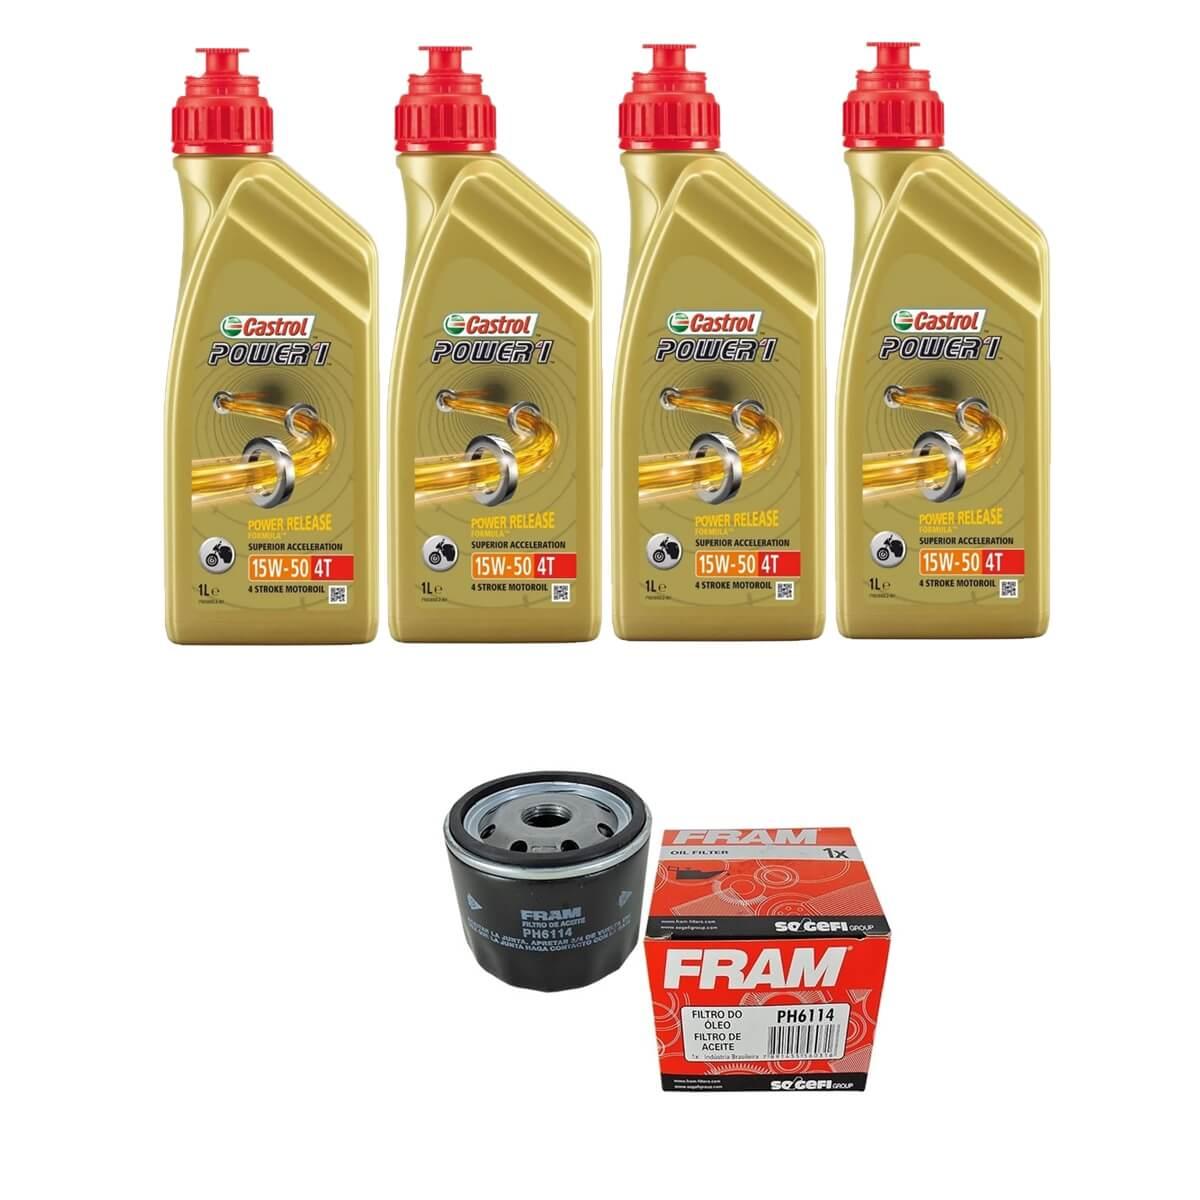 Kit Troca de Oleo Castrol Power 1 15w50 4lt + Filtro Fram PH6114 em até 6x sem juros